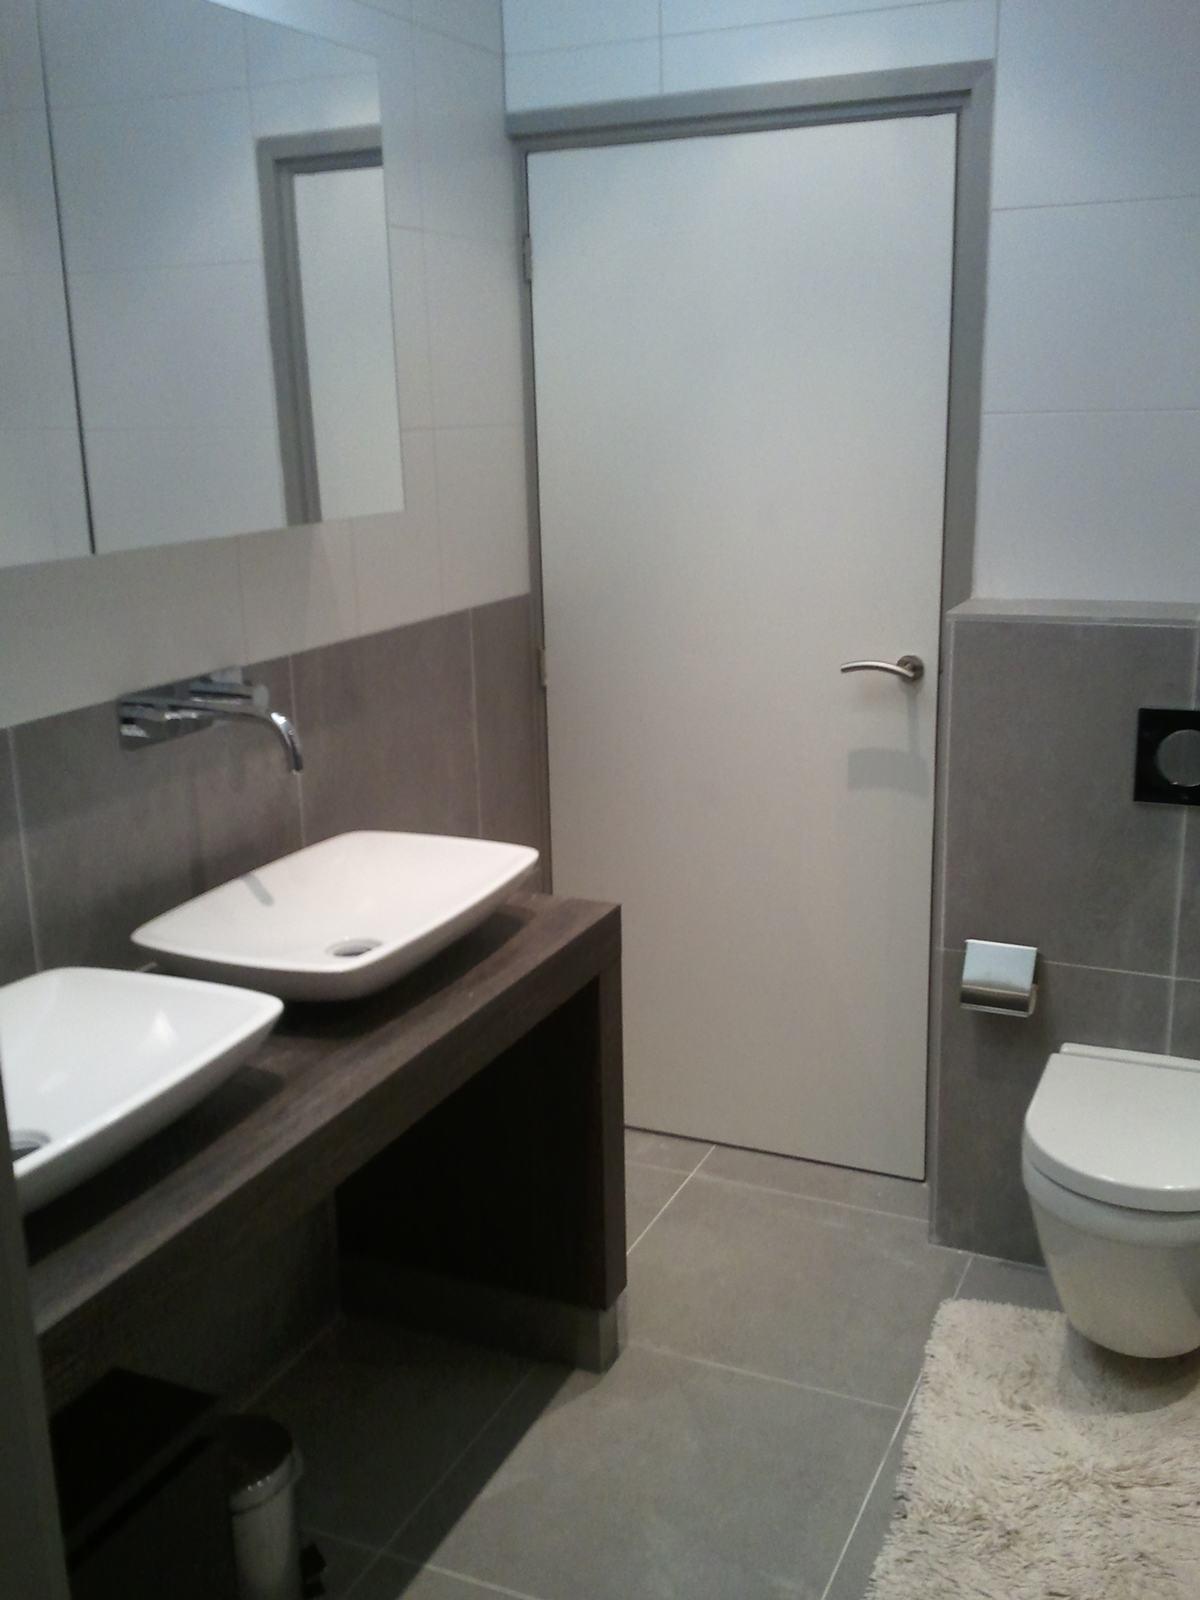 Badkamer Zwolle bad met verstek